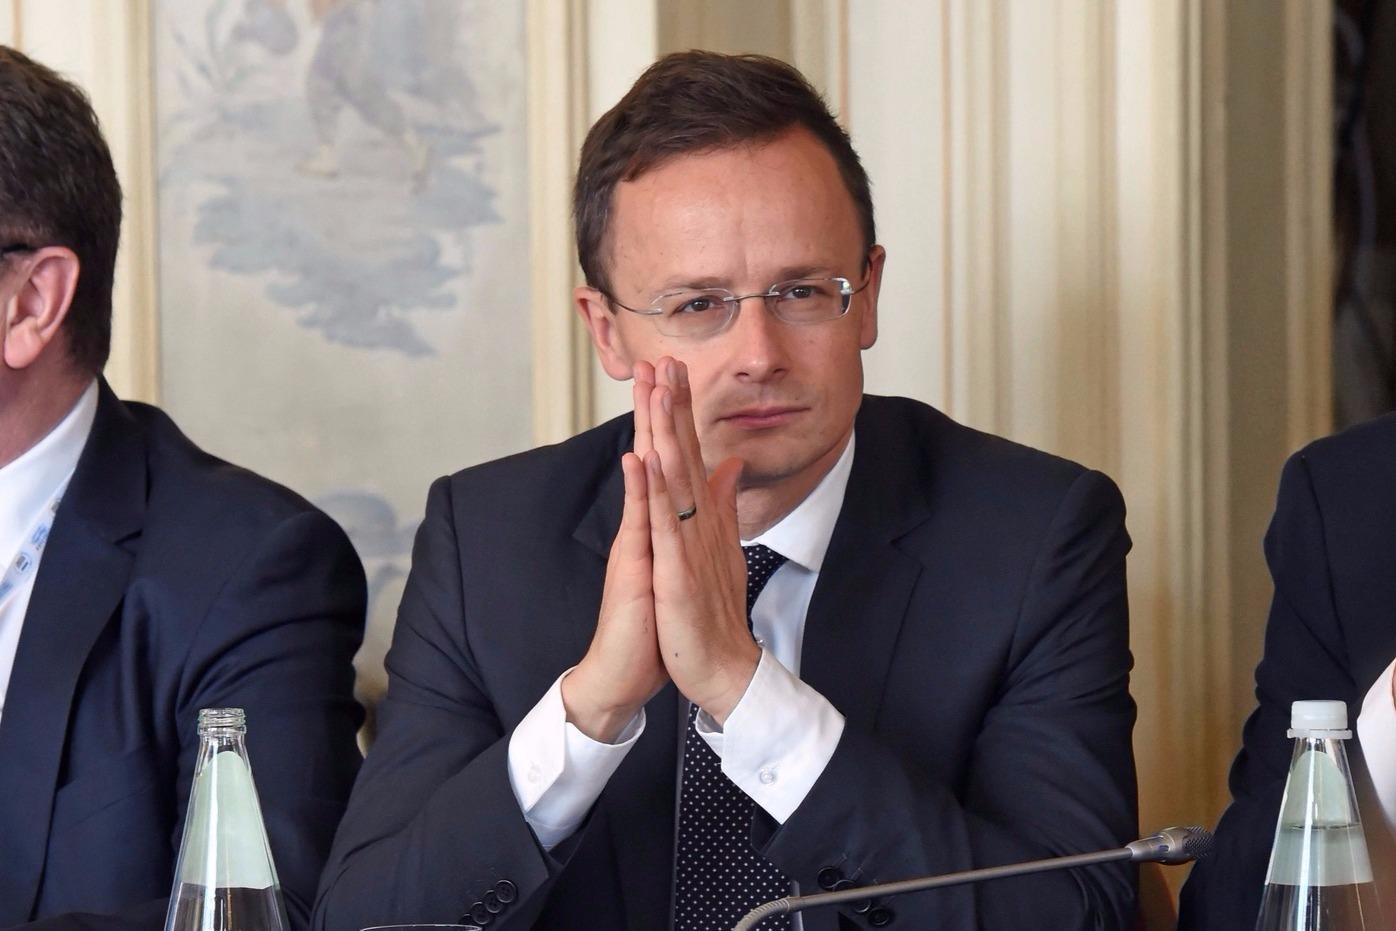 Szijjártó: A kormány nem harmadik szereplőkhöz igazítja a külpolitikáját